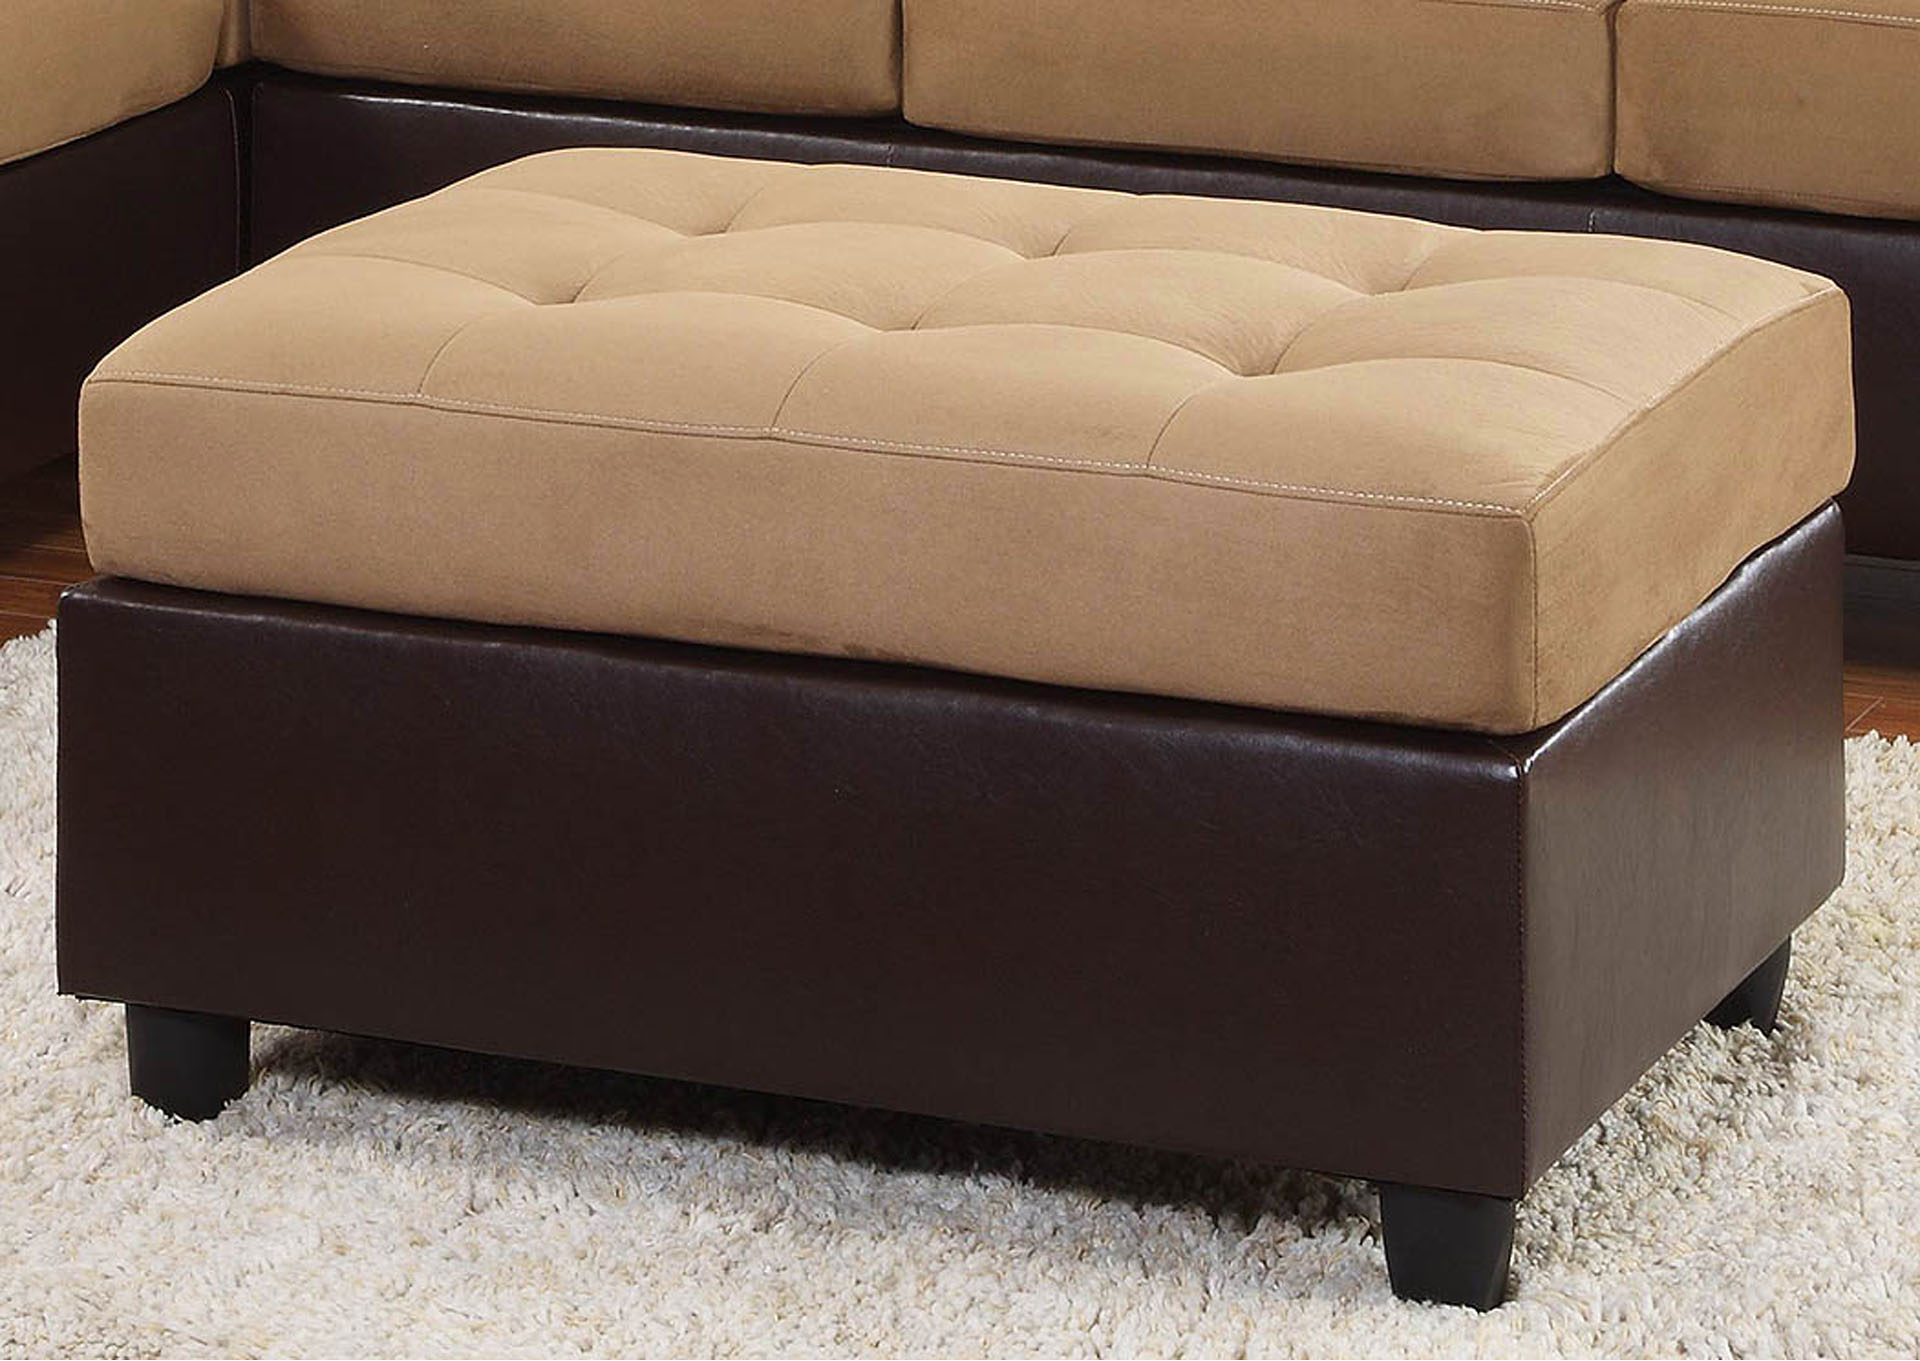 Apex furniture comfort living brown dark brown ottoman for Comfort living furniture